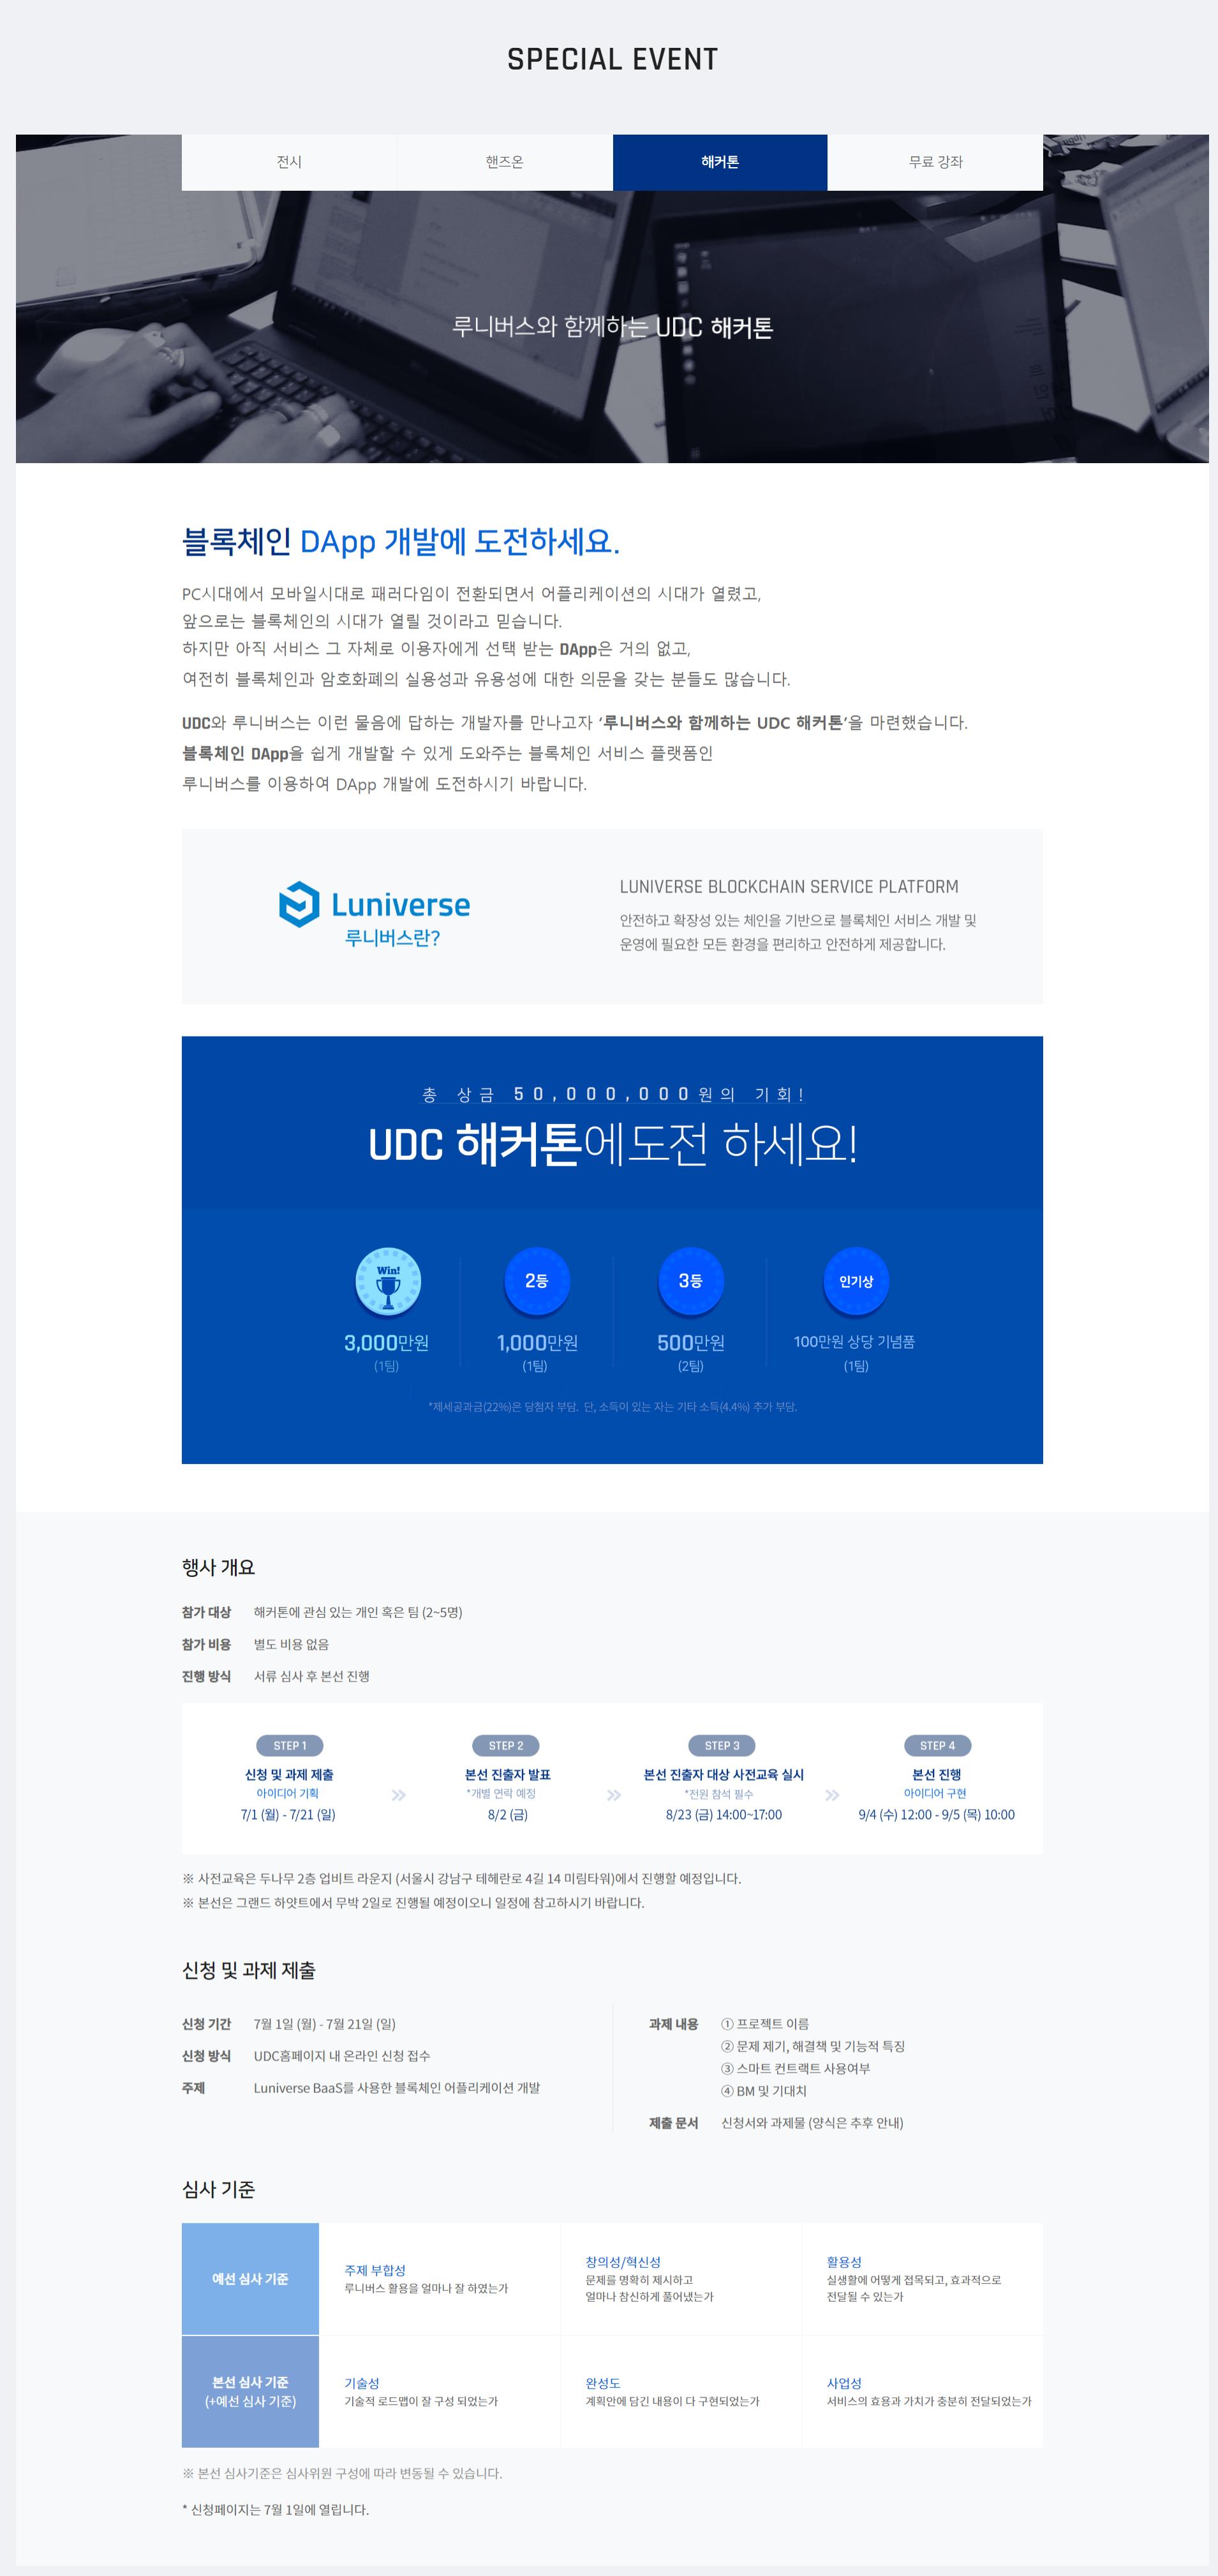 2019 업비트 개발자 컨퍼런스(UDC 2019) 개최 안내